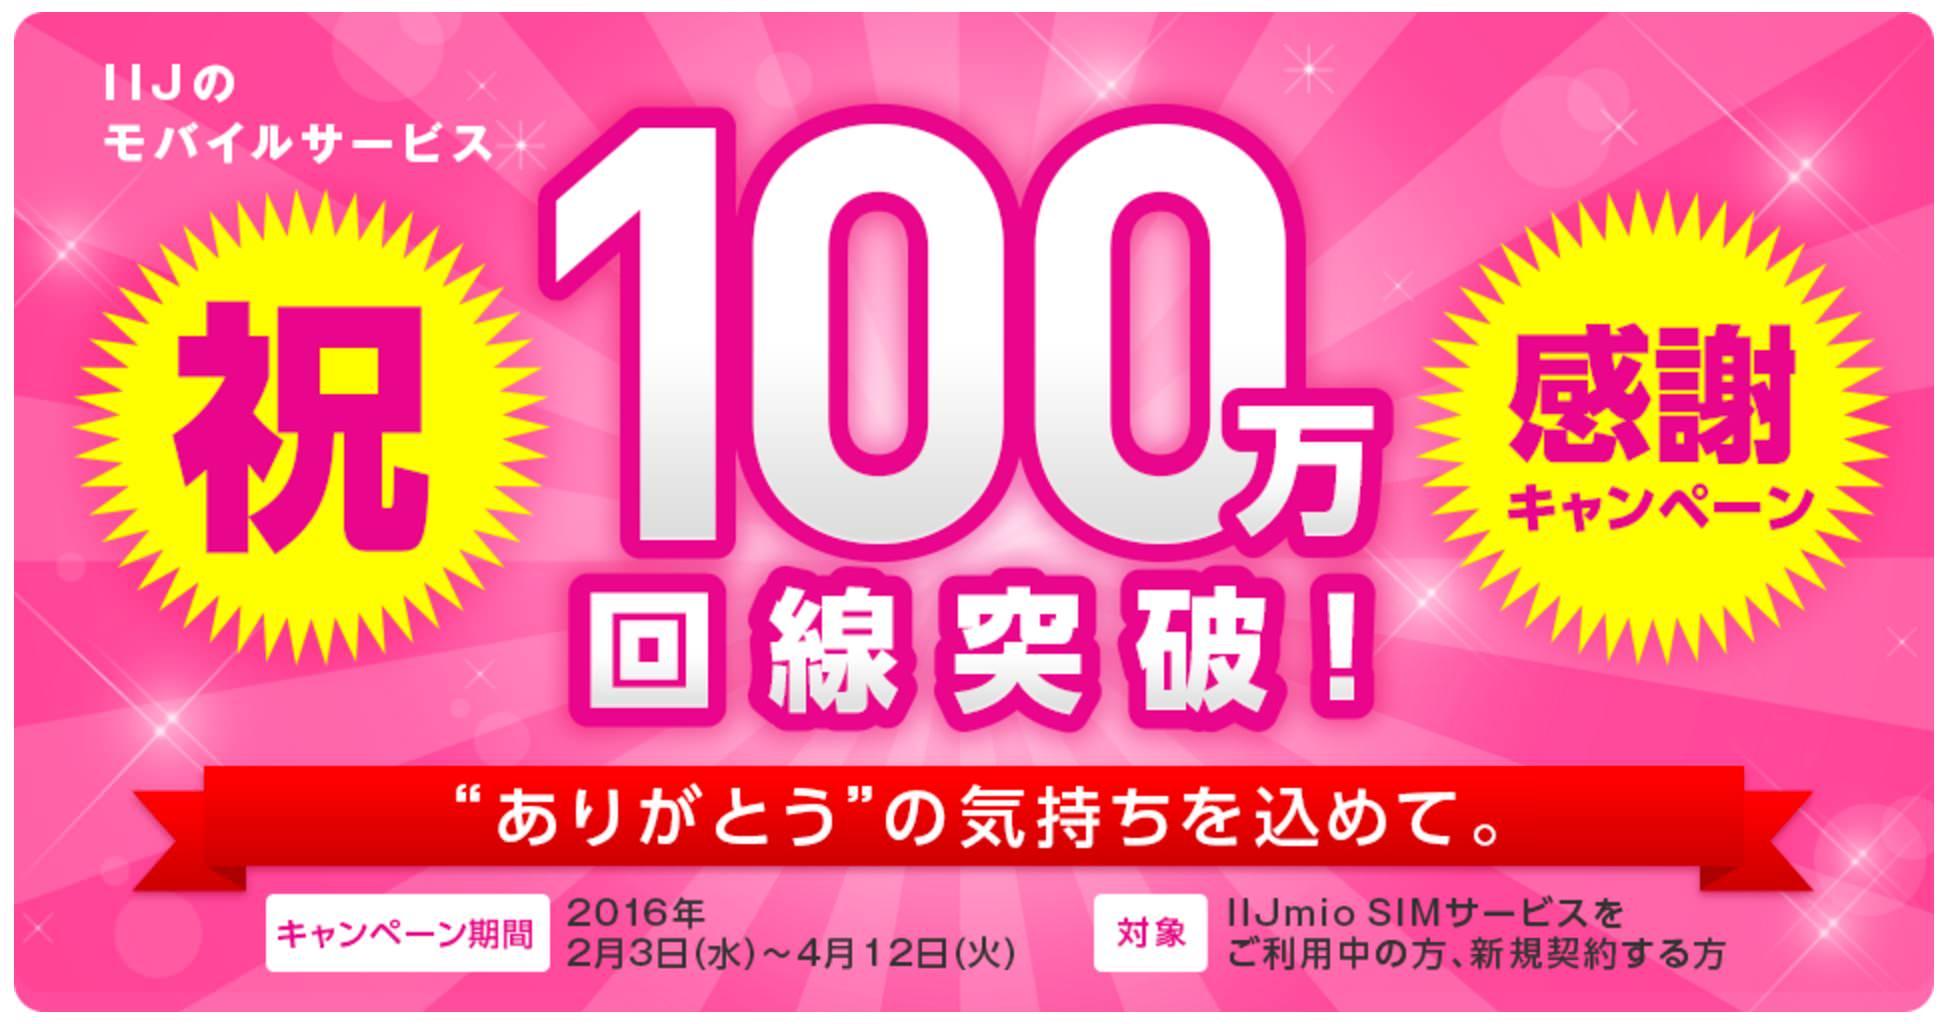 【IIJmio】100万回線突破を発表 → 2016年2月3日より記念キャンペーンを実施へ